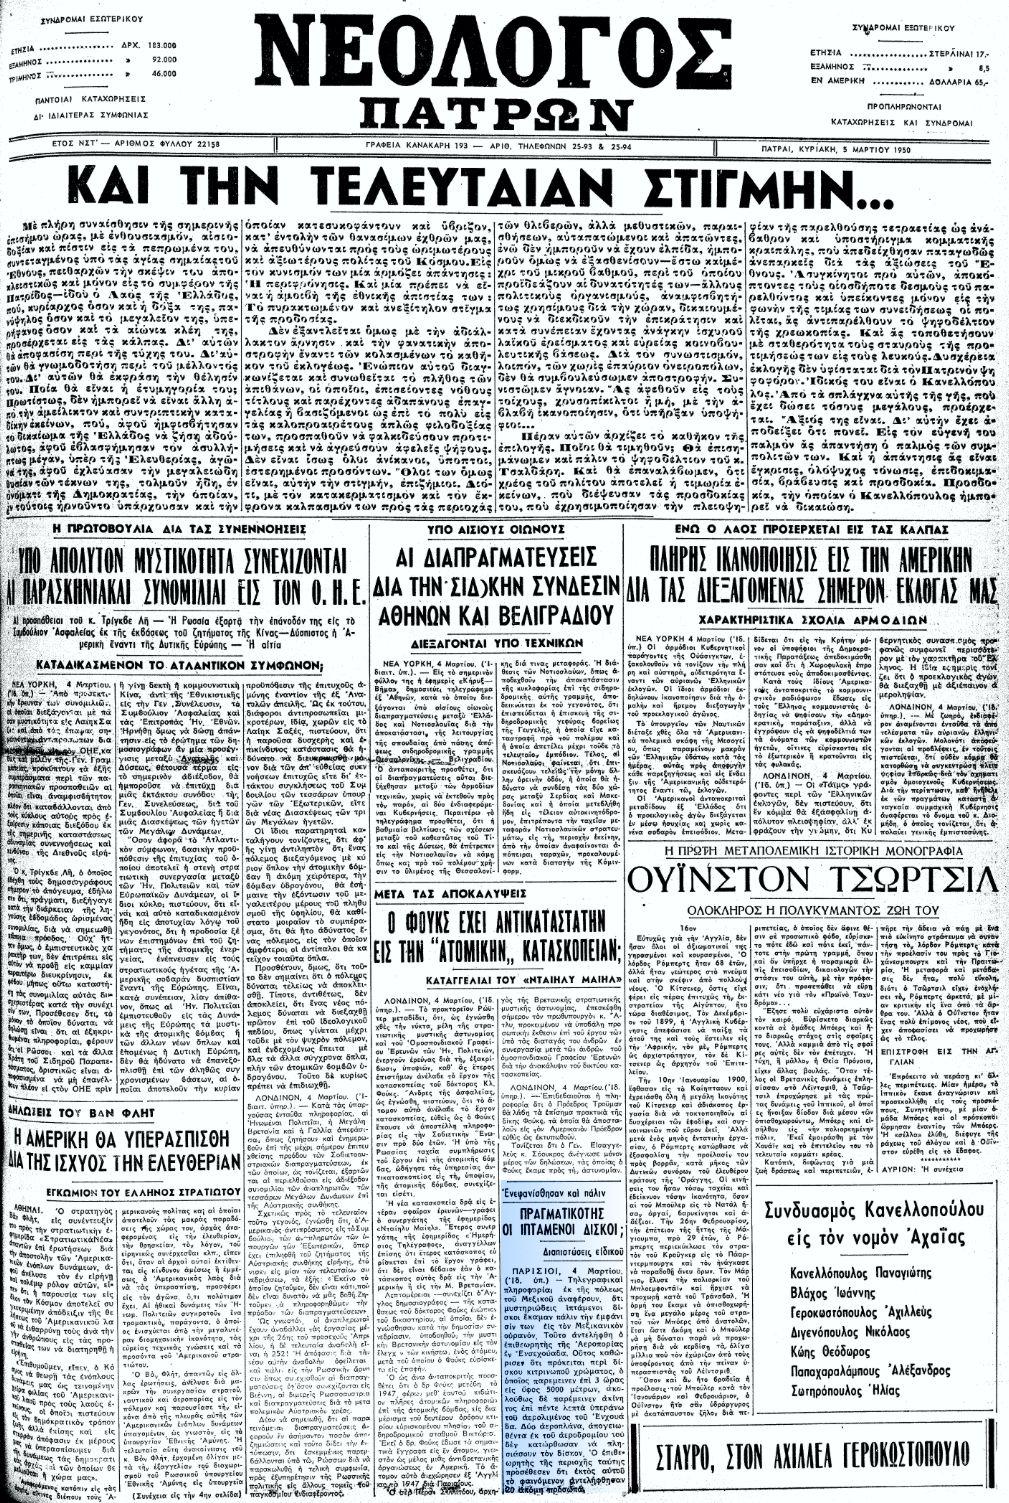 """Το άρθρο, όπως δημοσιεύθηκε στην εφημερίδα """"ΝΕΟΛΟΓΟΣ ΠΑΤΡΩΝ"""", στις 05/03/1950"""